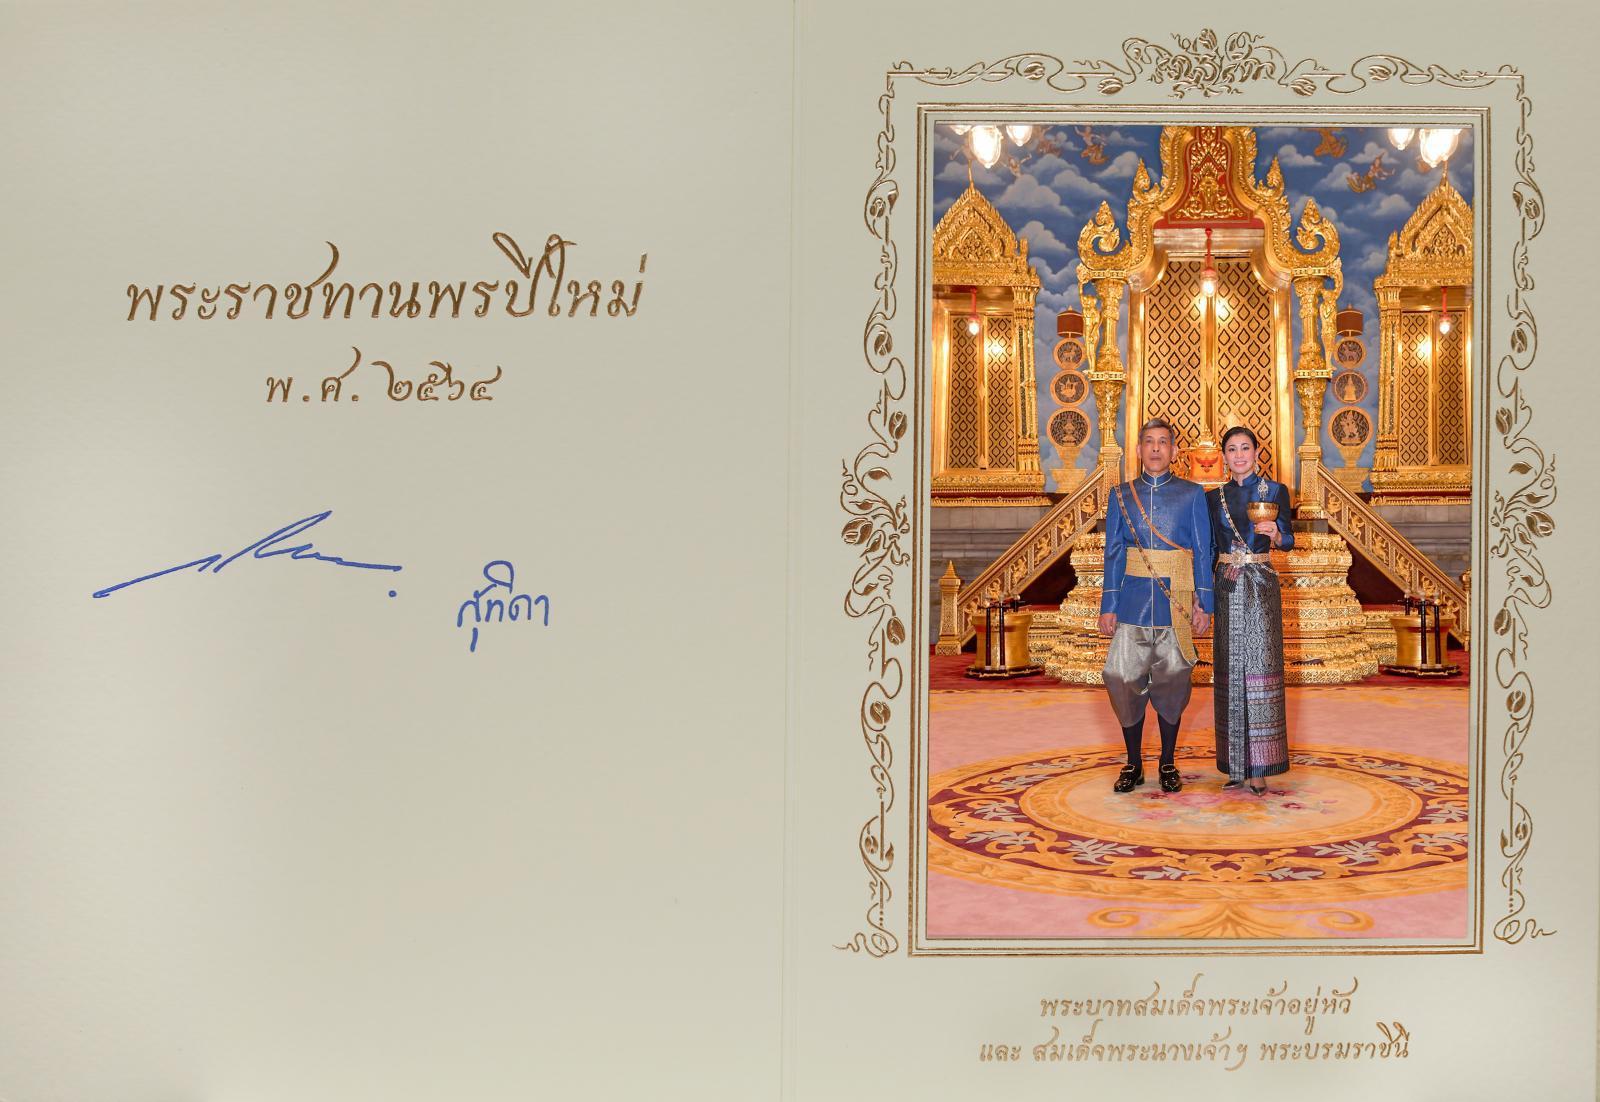 ในหลวง ราชินี พระราชทานบัตรอวยพรปีใหม่ 2564